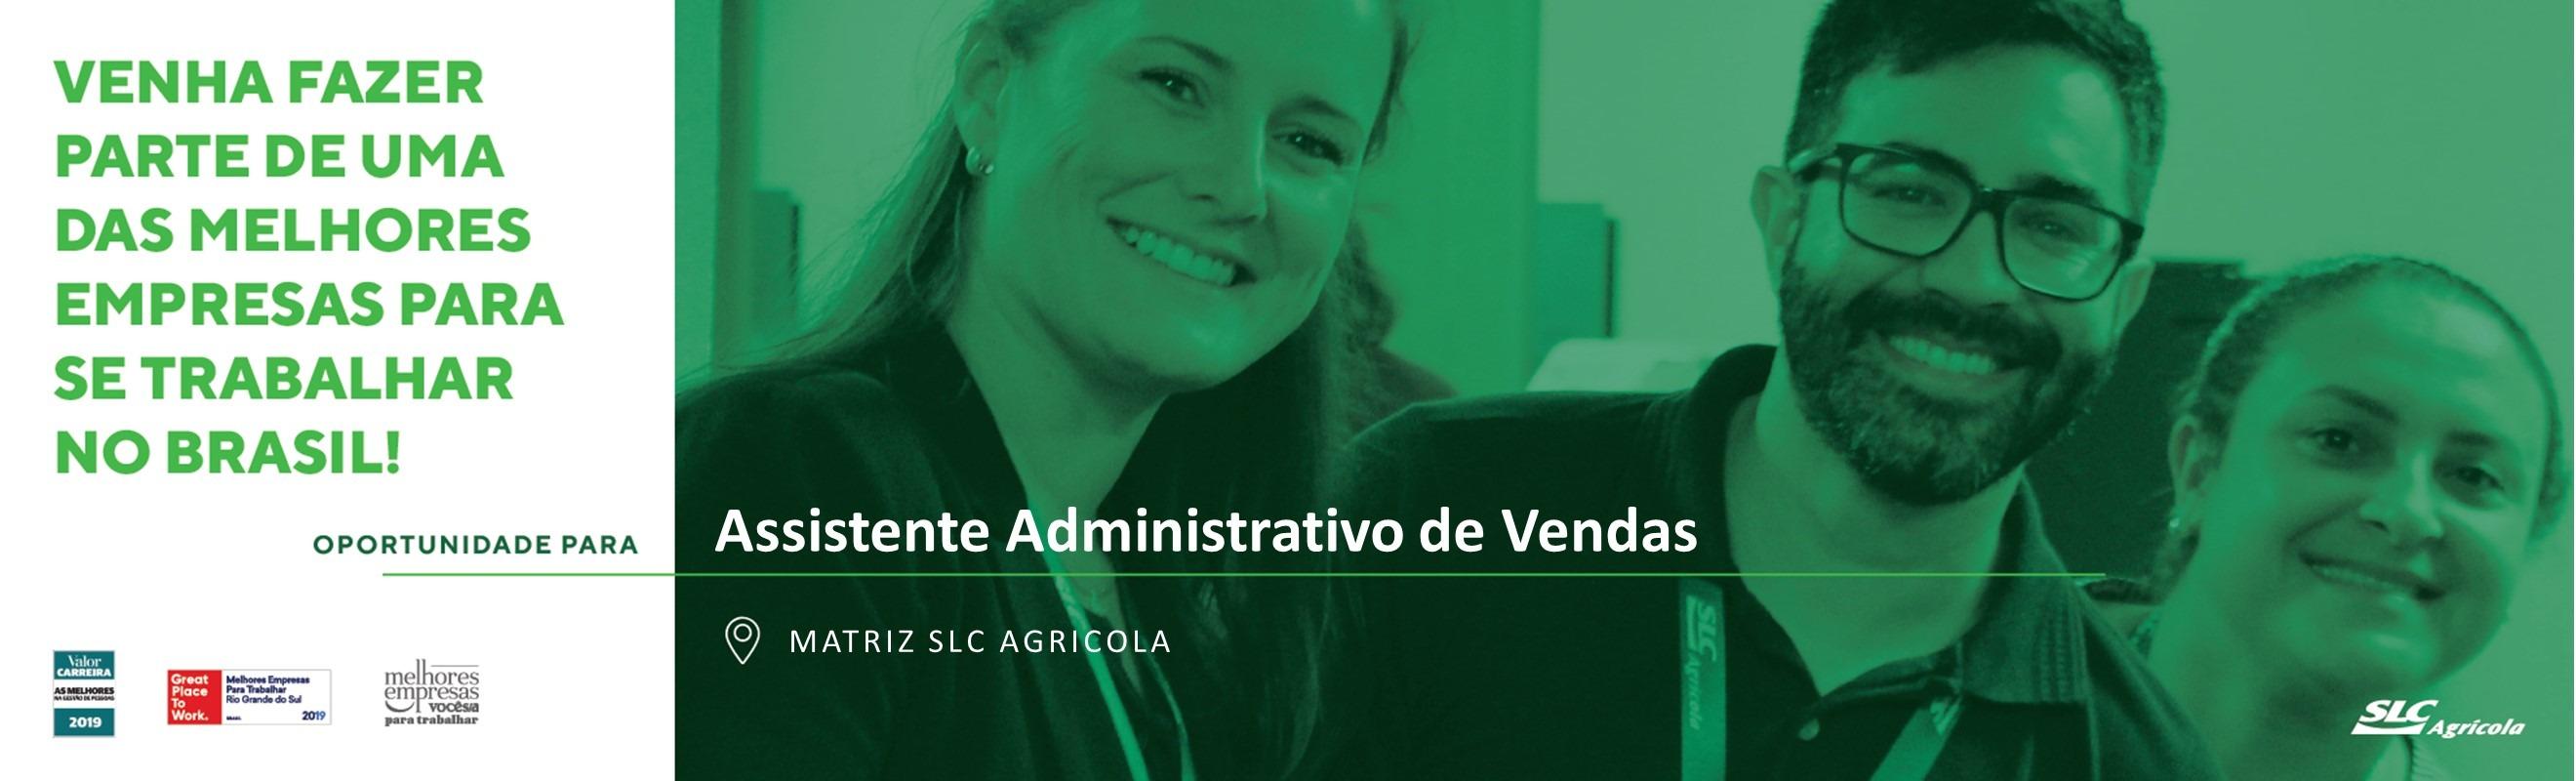 Assistente Administrativo de Vendas